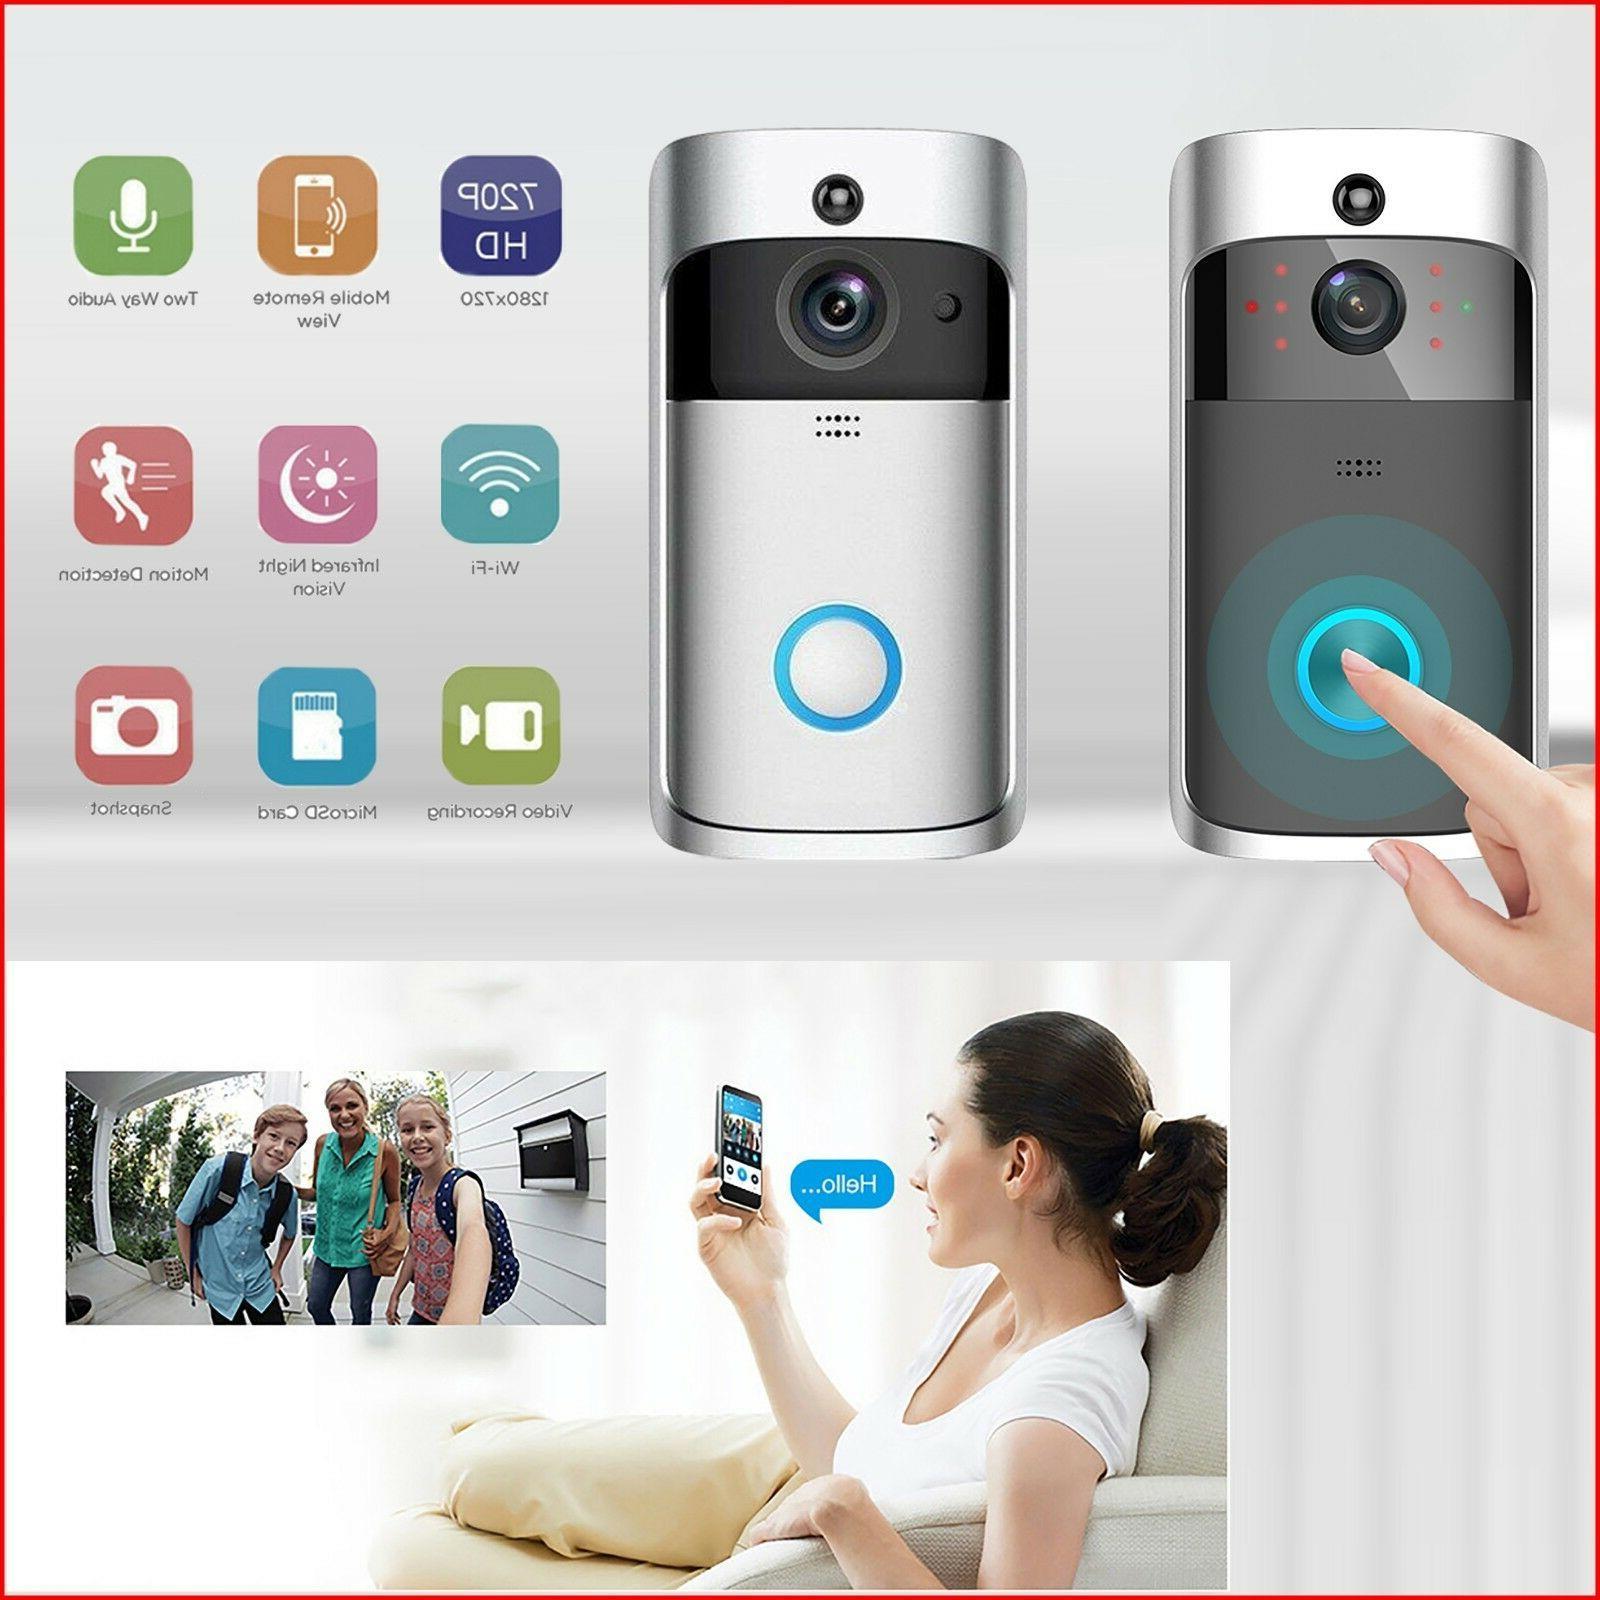 wireless video doorbell smart phone hd